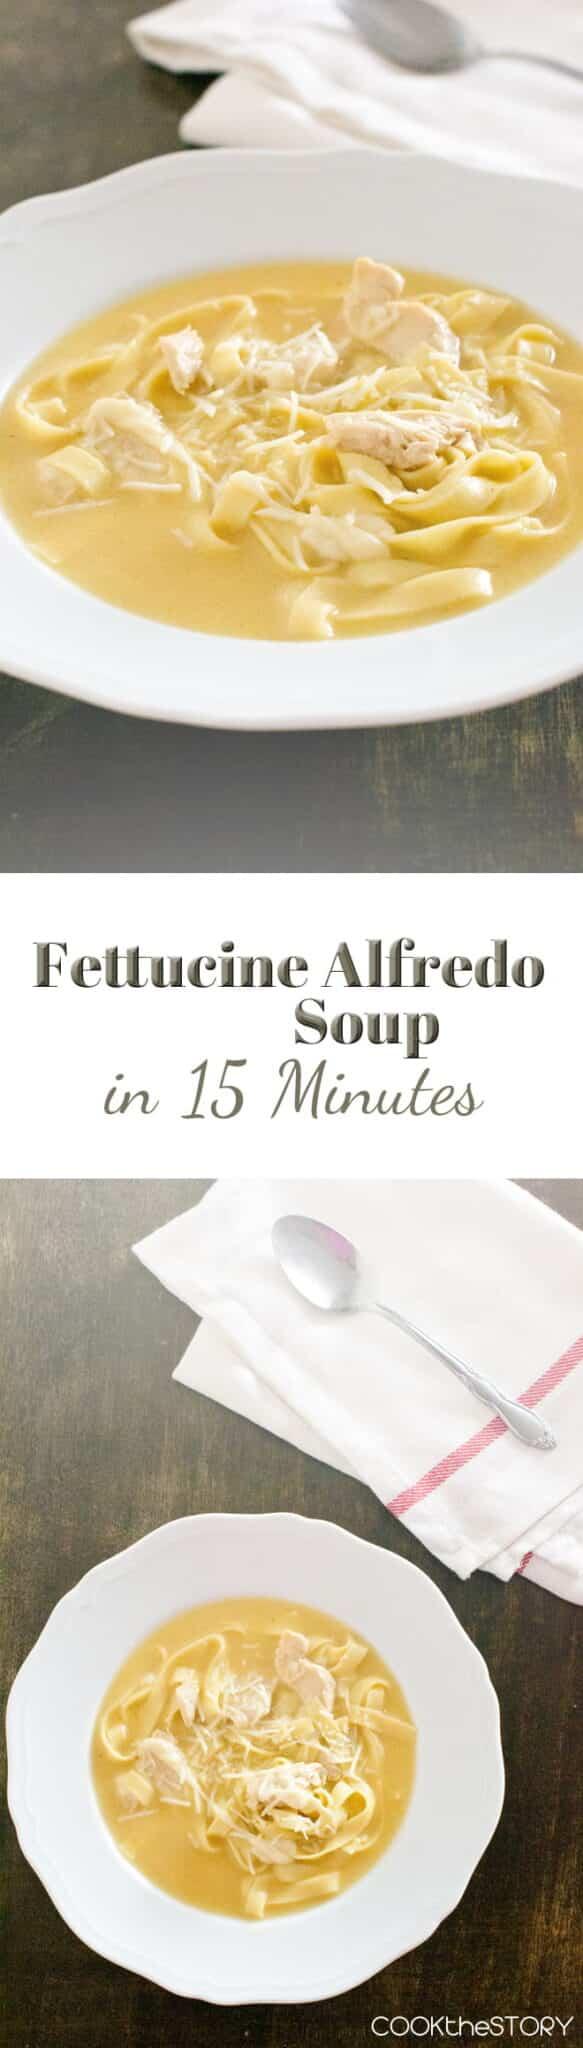 Fettuccine Alfredo Soup